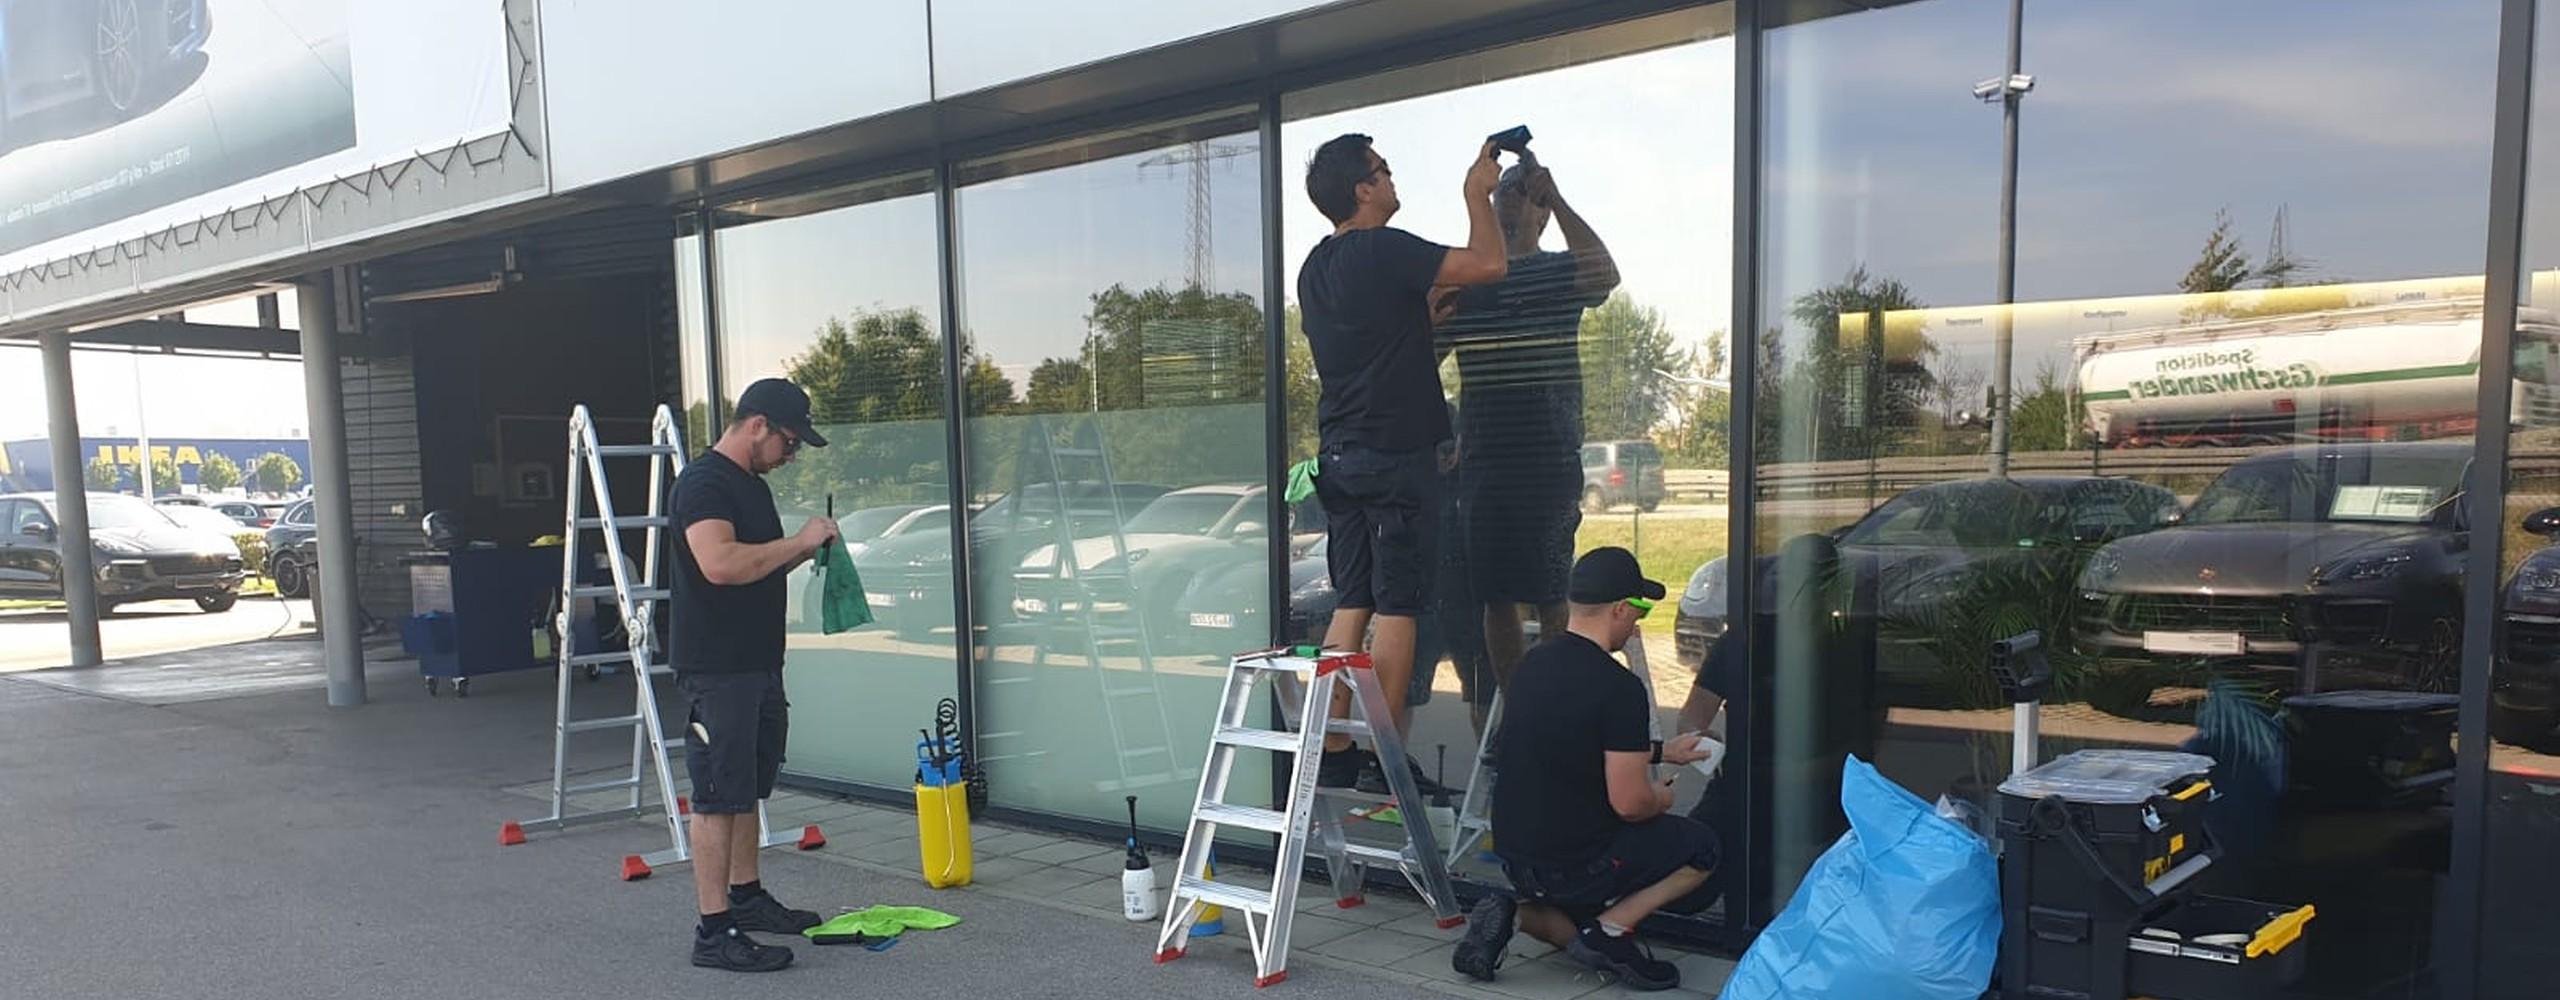 Geyer Folientechnik: Gebäudefolierung, Fassadenfolierung, Bürofenster Ladenfenster, Schaufenster, Schaukasten, Privacy Verglasung, Blickschutz, Sichtschutz, Werbefolierung, Individualfolierung, Sonnenschutz, UV Schutz, Milchglas